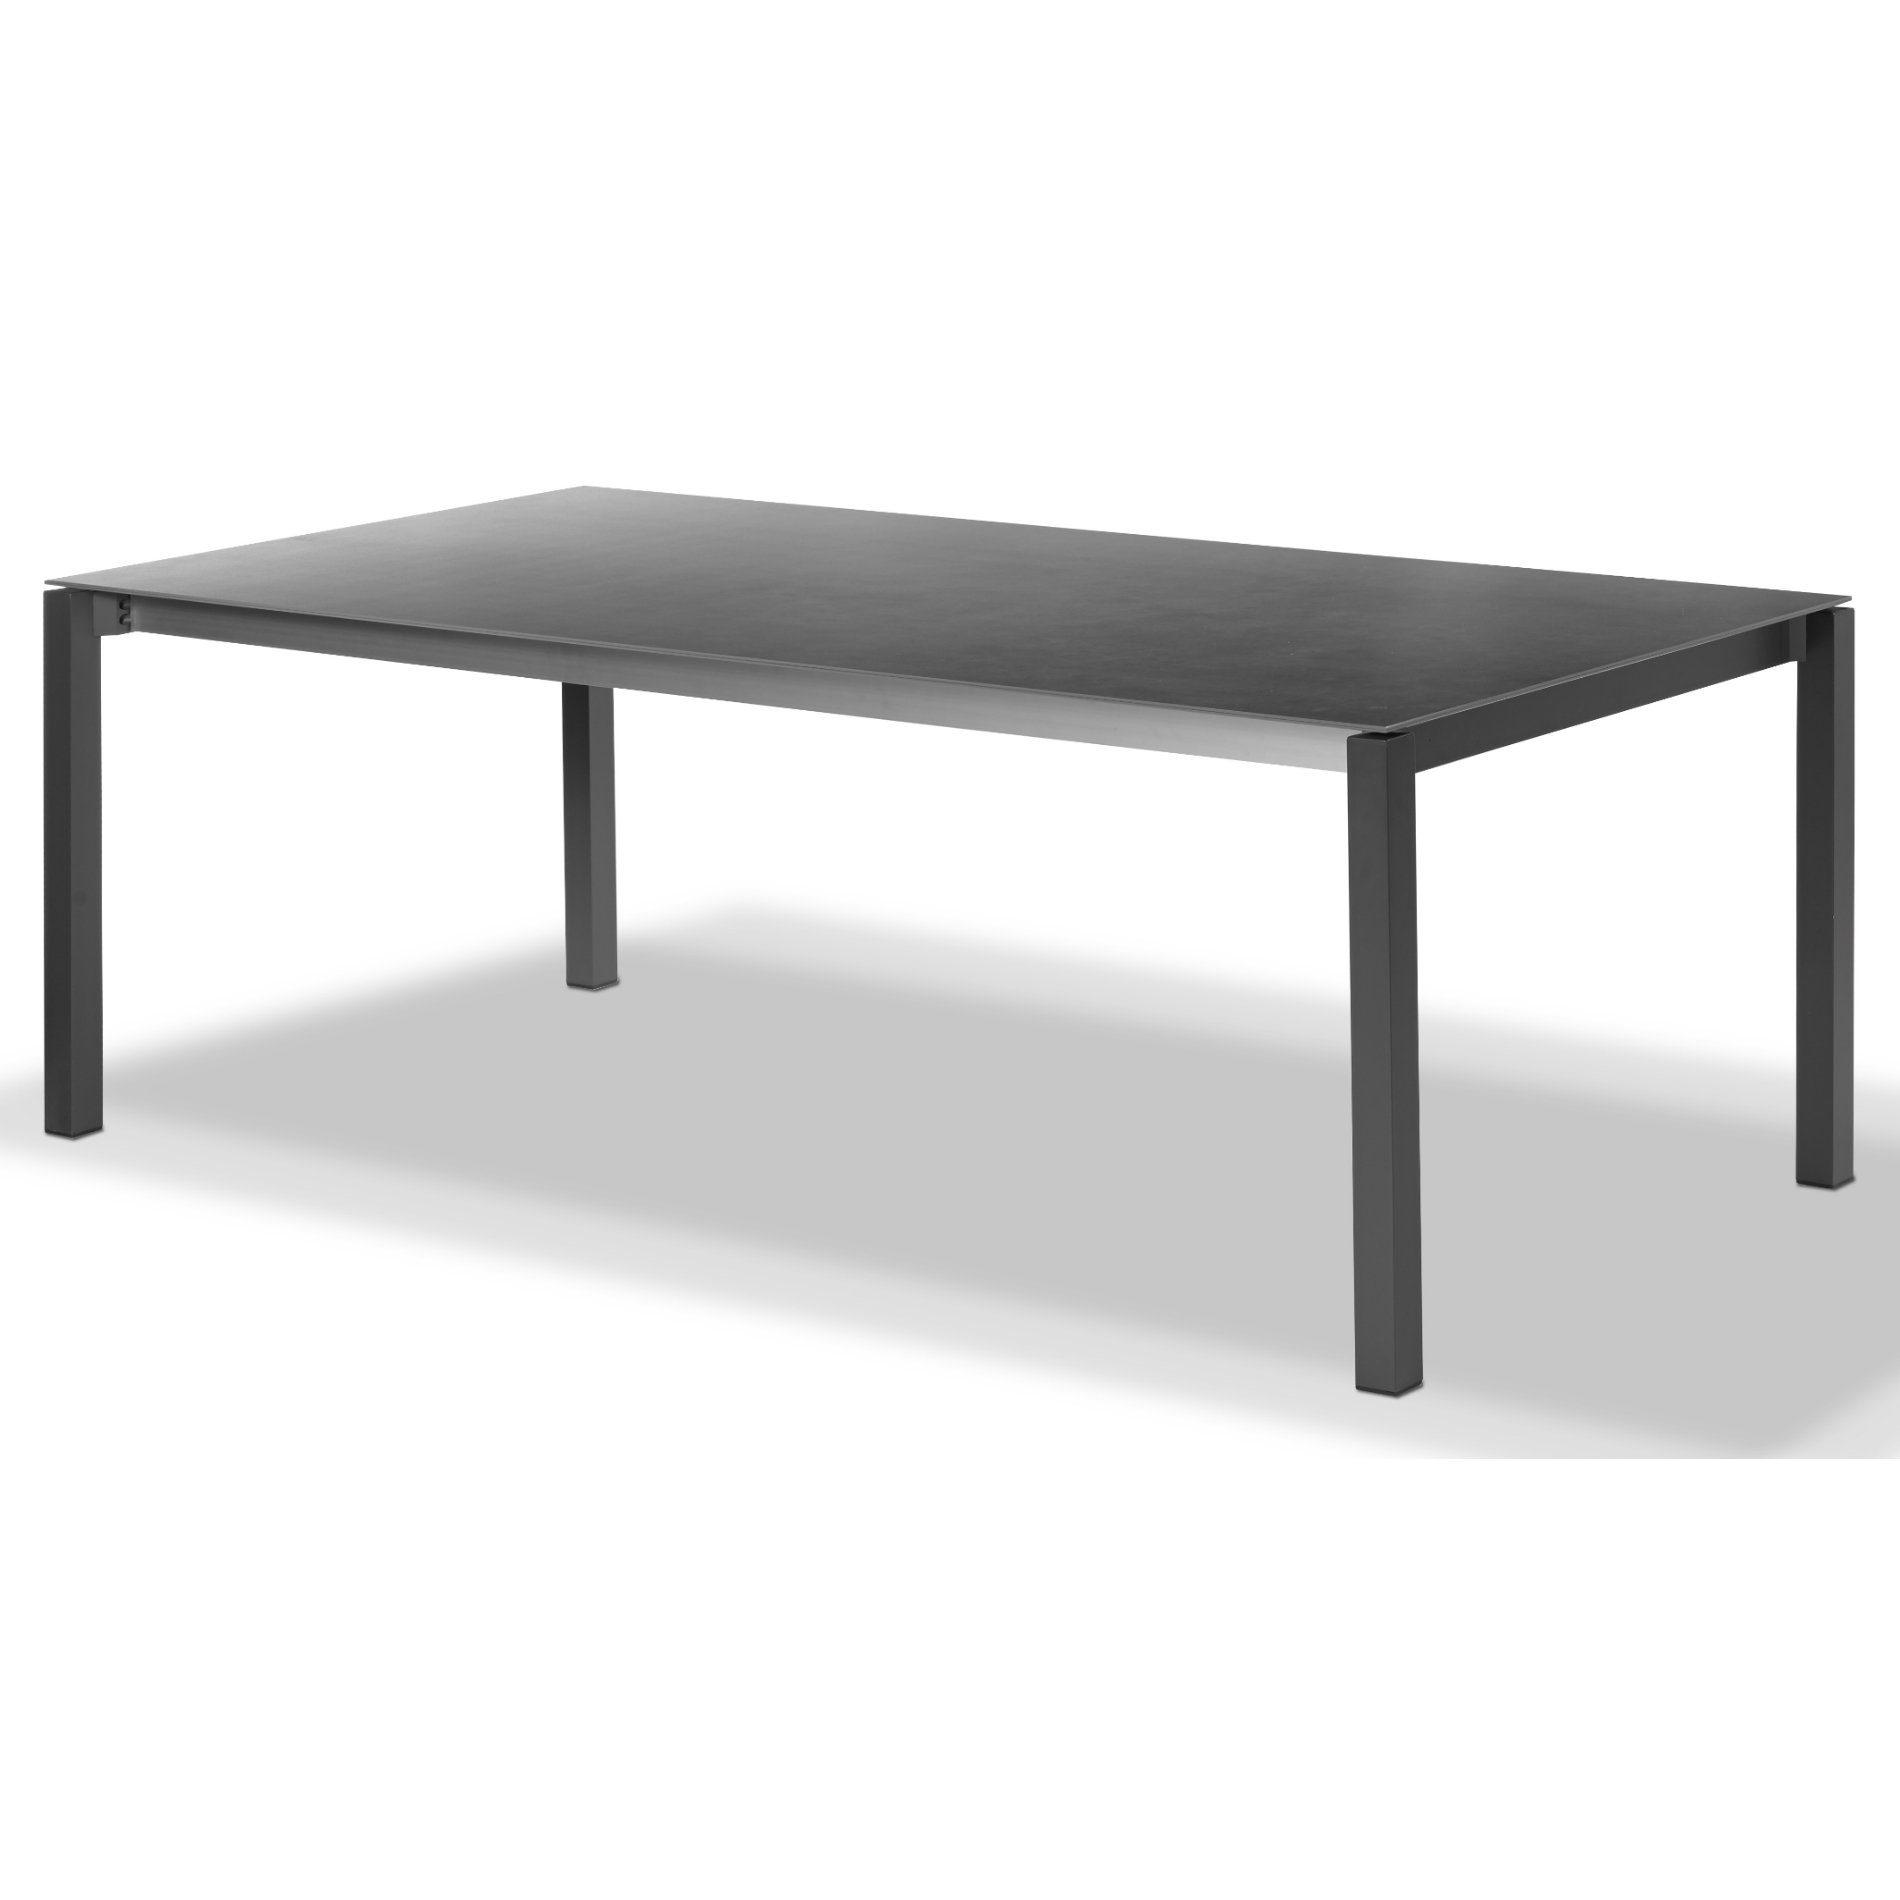 m bel von riro s f r garage keller g nstig online startseite design bilder. Black Bedroom Furniture Sets. Home Design Ideas